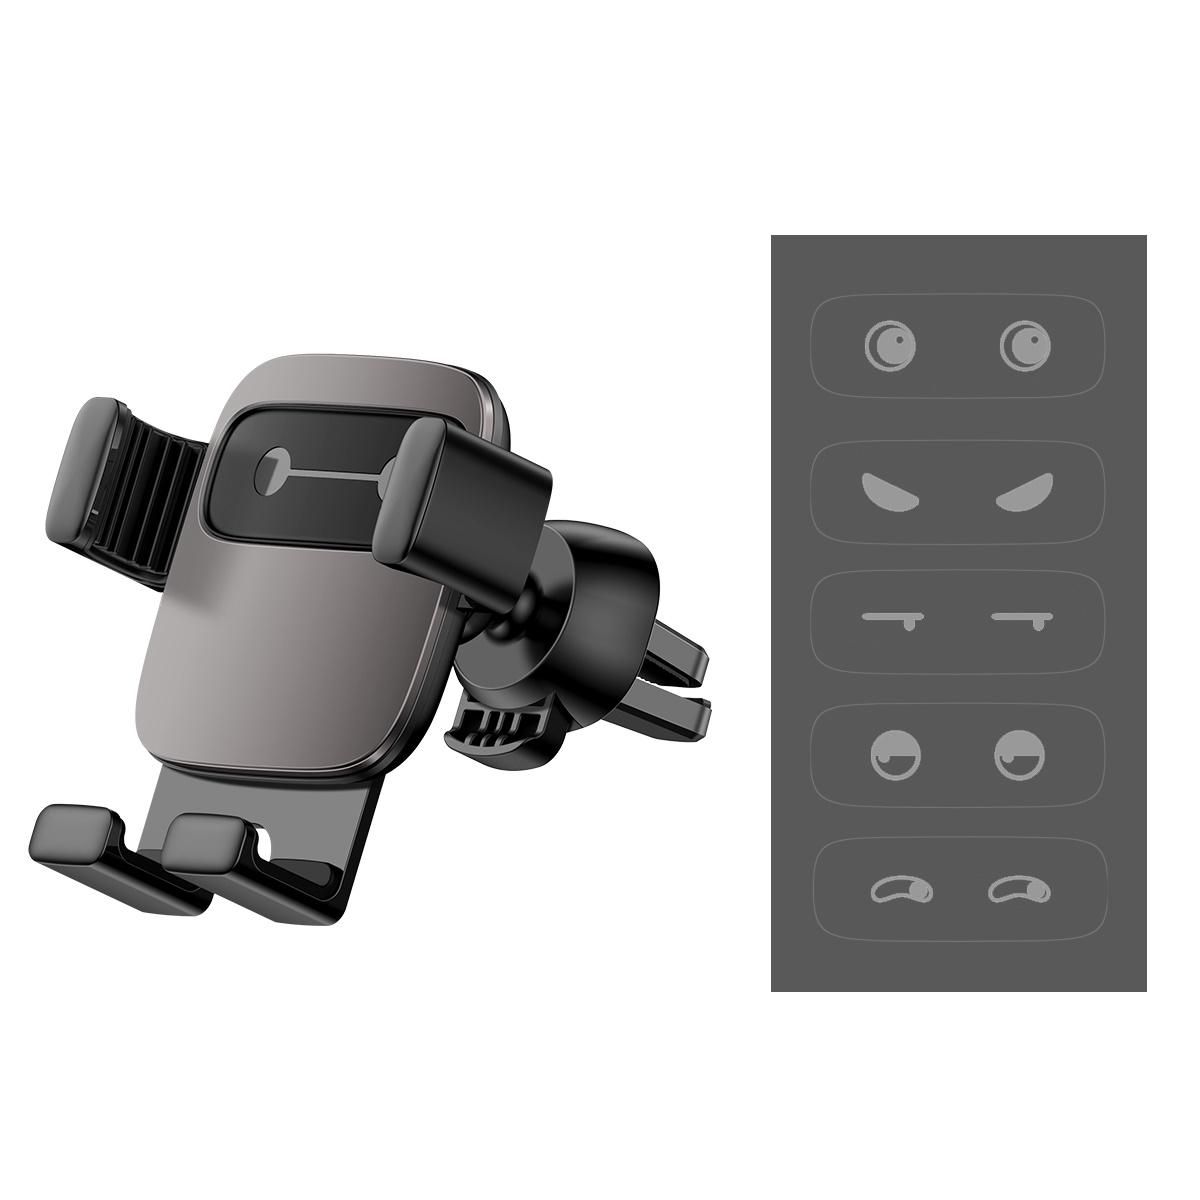 Bộ đế giữ điện thoại trên xe hơi Baseus Cube Gravity Vehicle-Mounted Holder (Air Vent, Navigation Car Mount) Đen - Hàng chính hãng